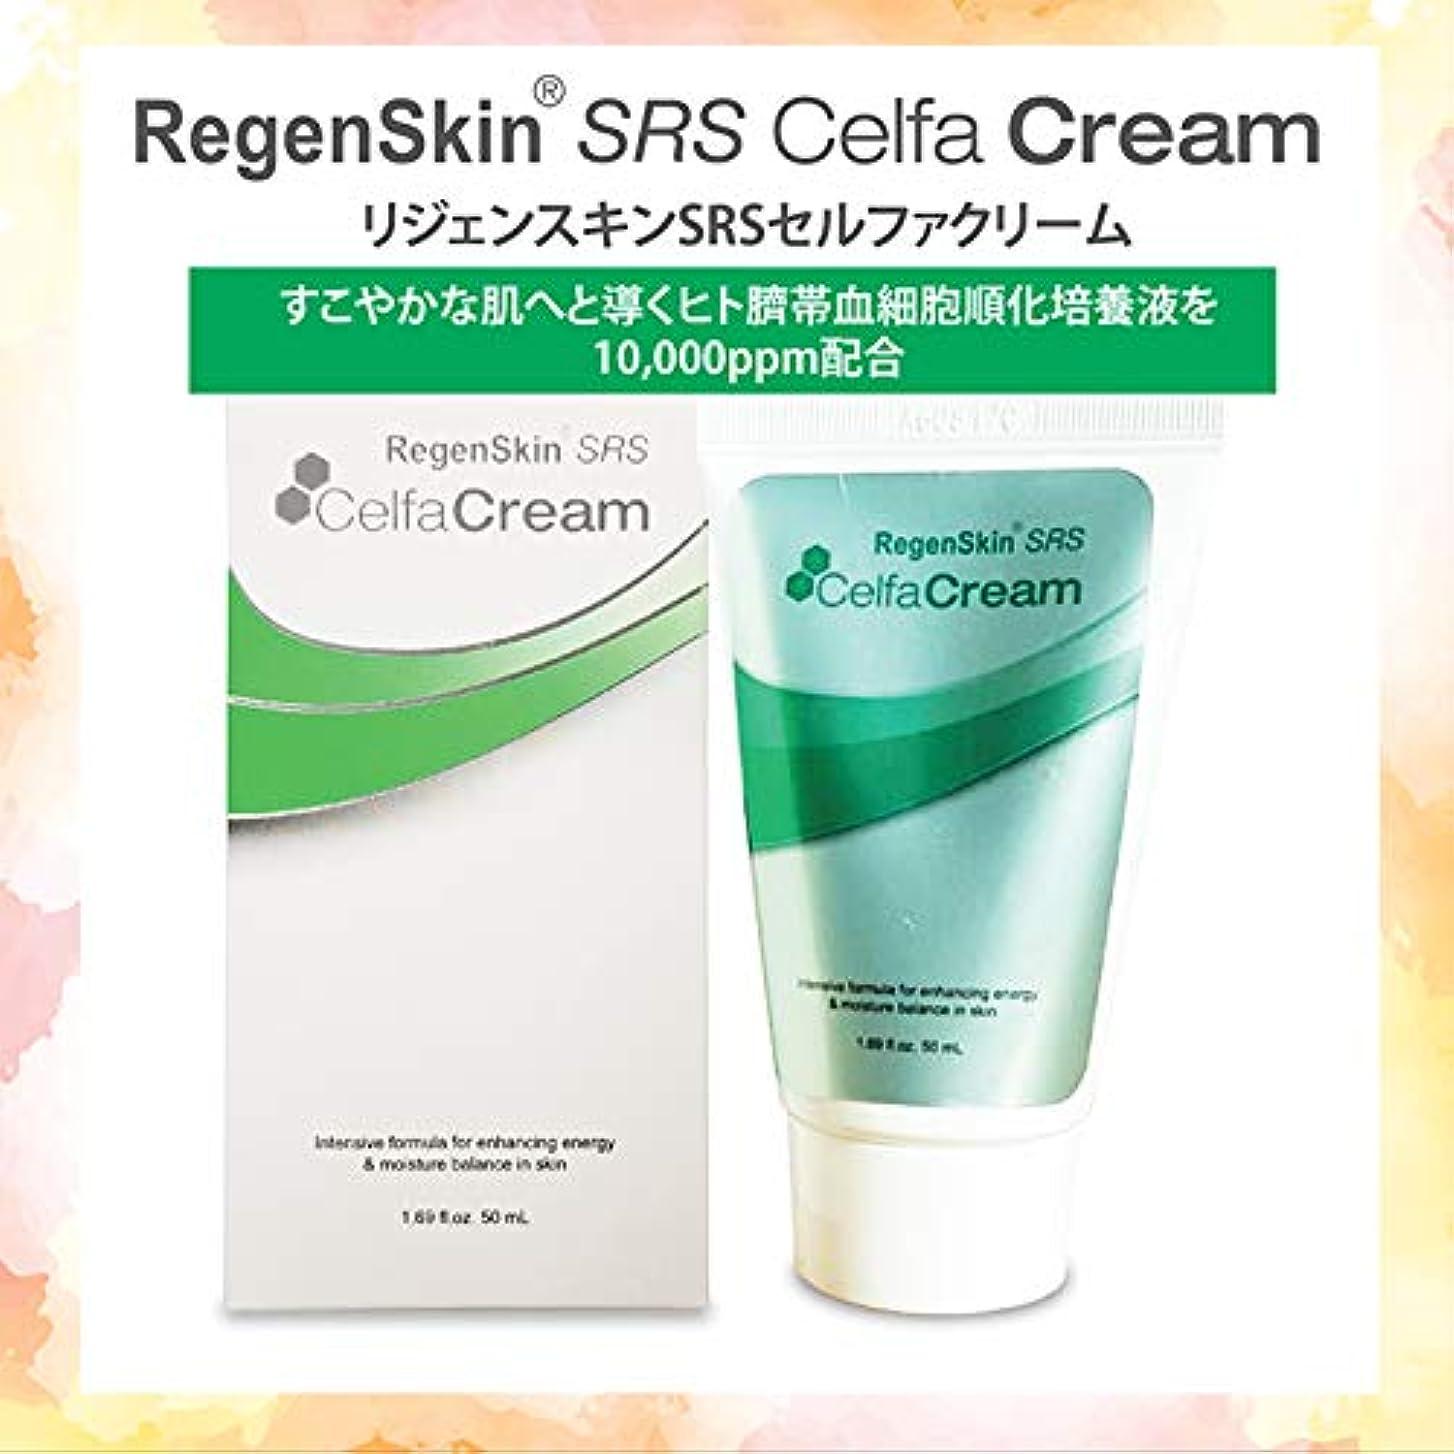 溶接謙虚なごちそうリジェンスキンSRSセルファクリーム - 50mL(RegenSkin SRS CelfaCream)